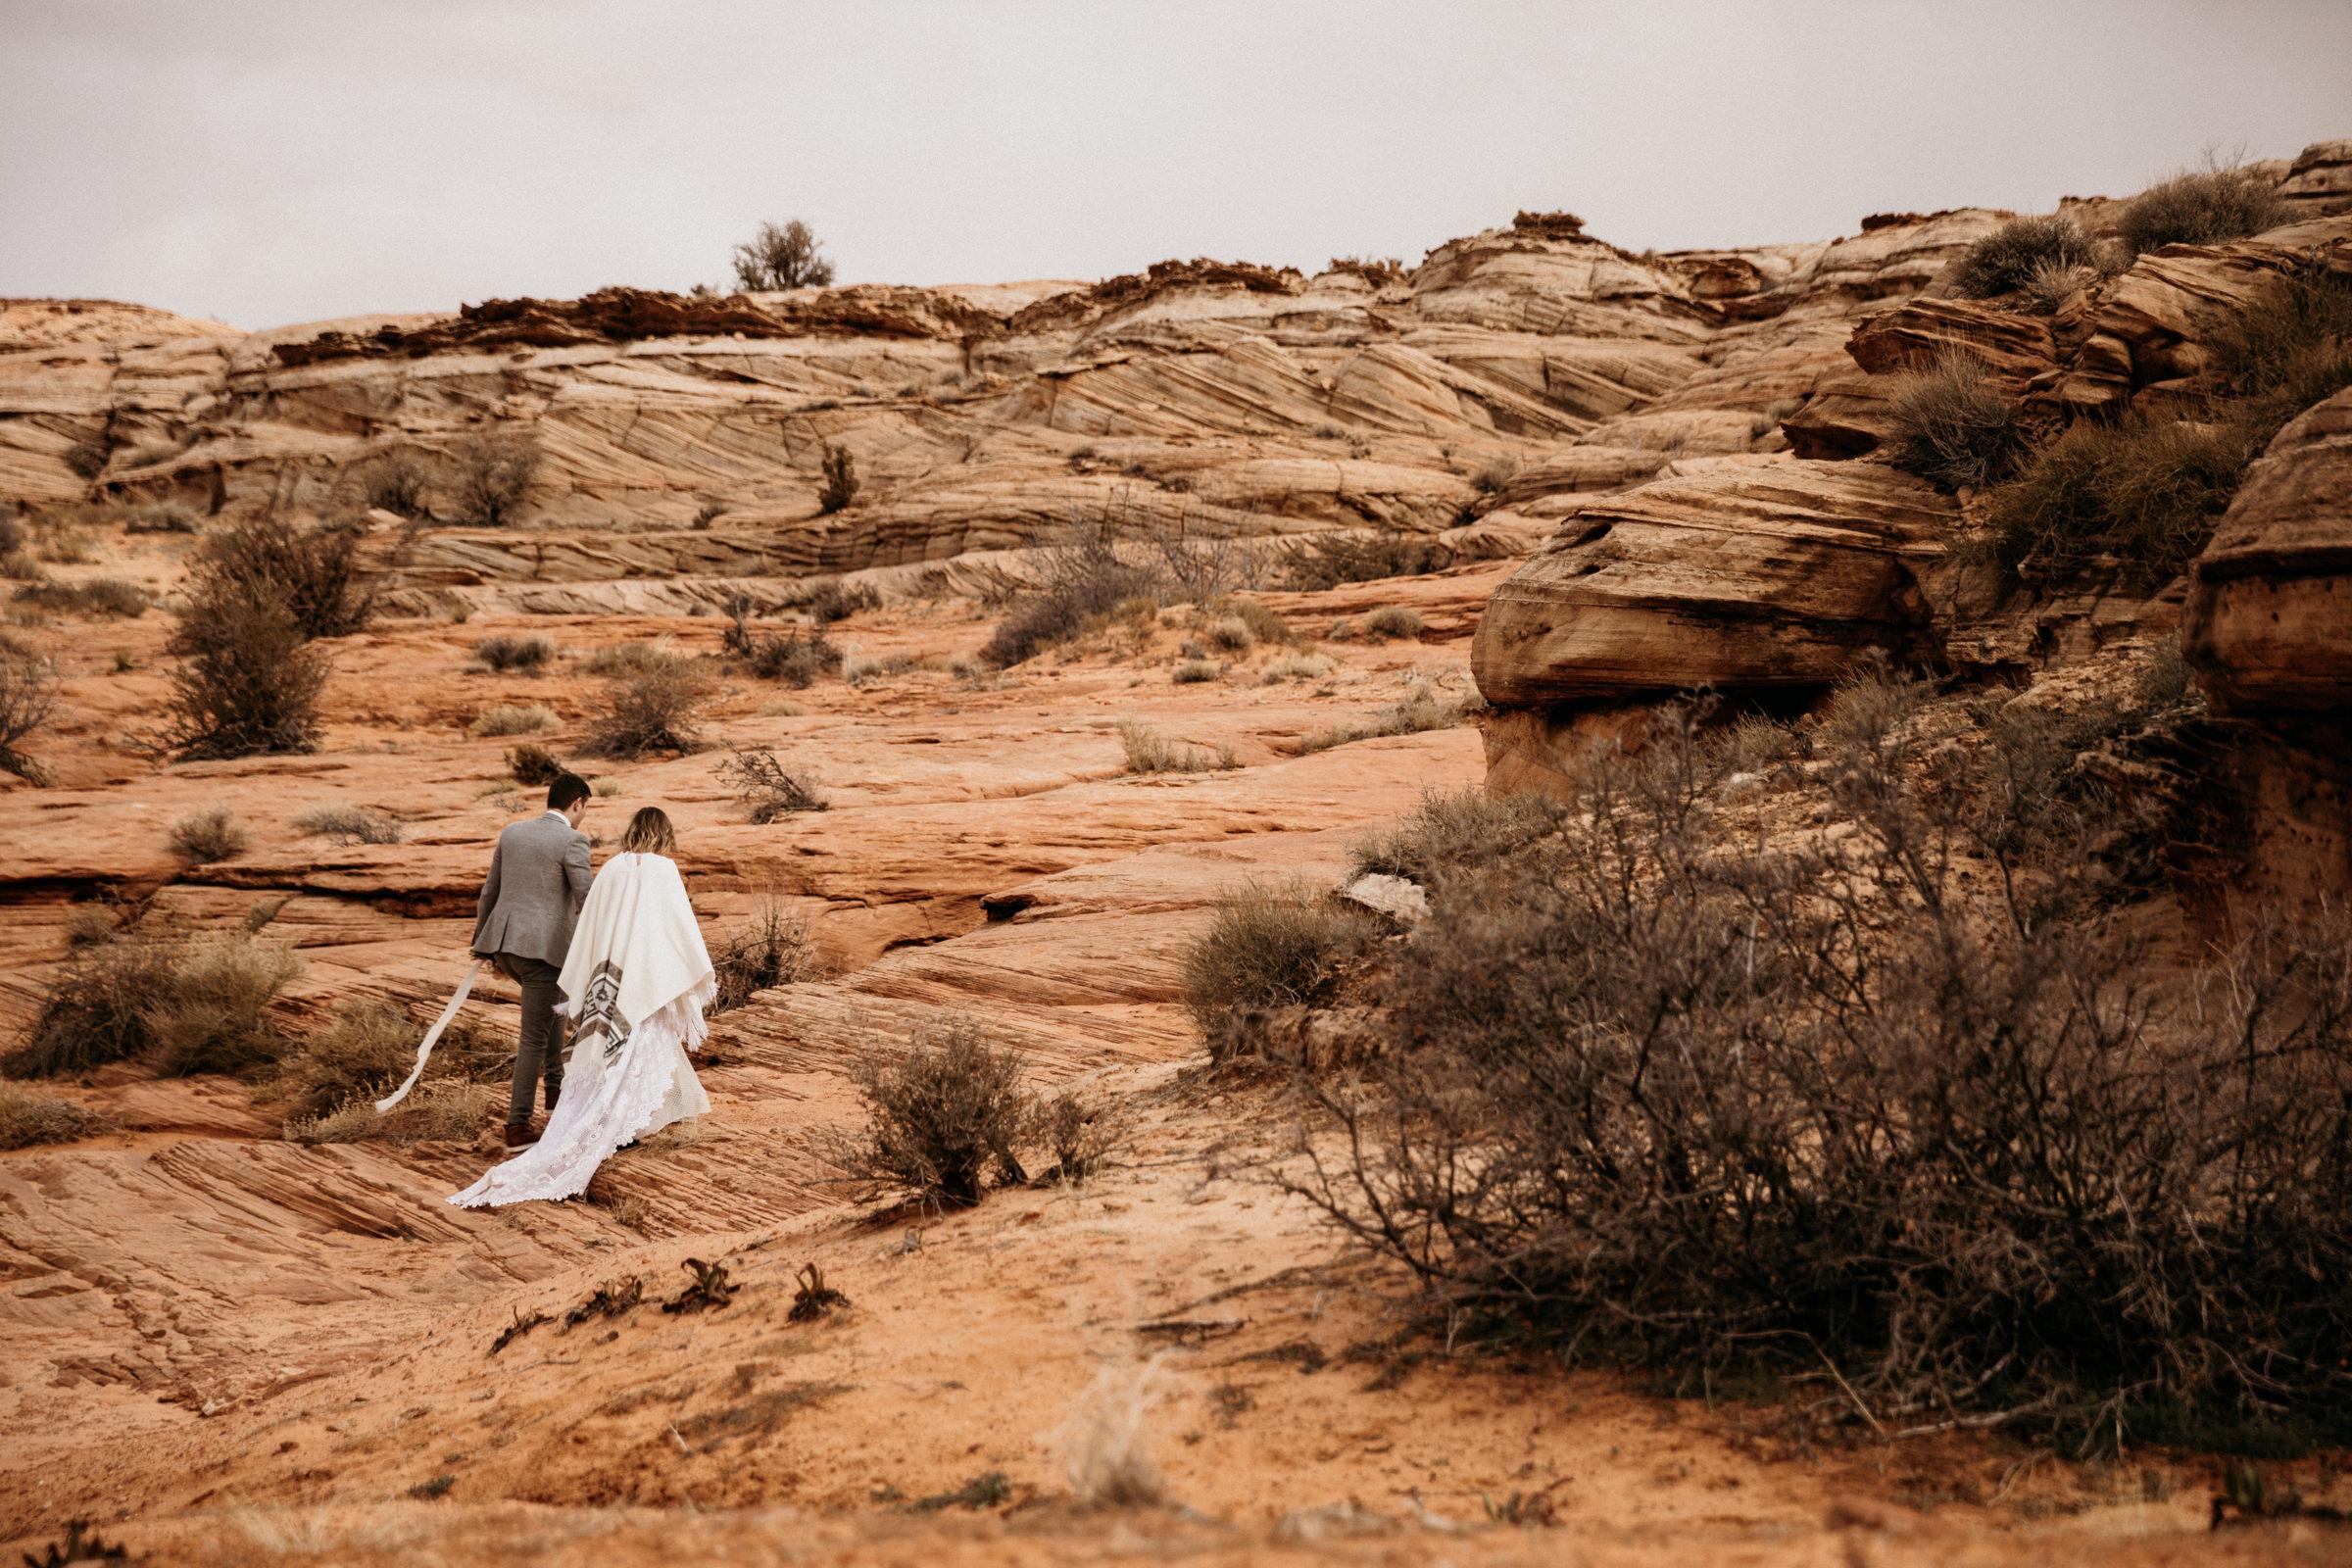 arizona-adventure-elopement-wedding-in-desert